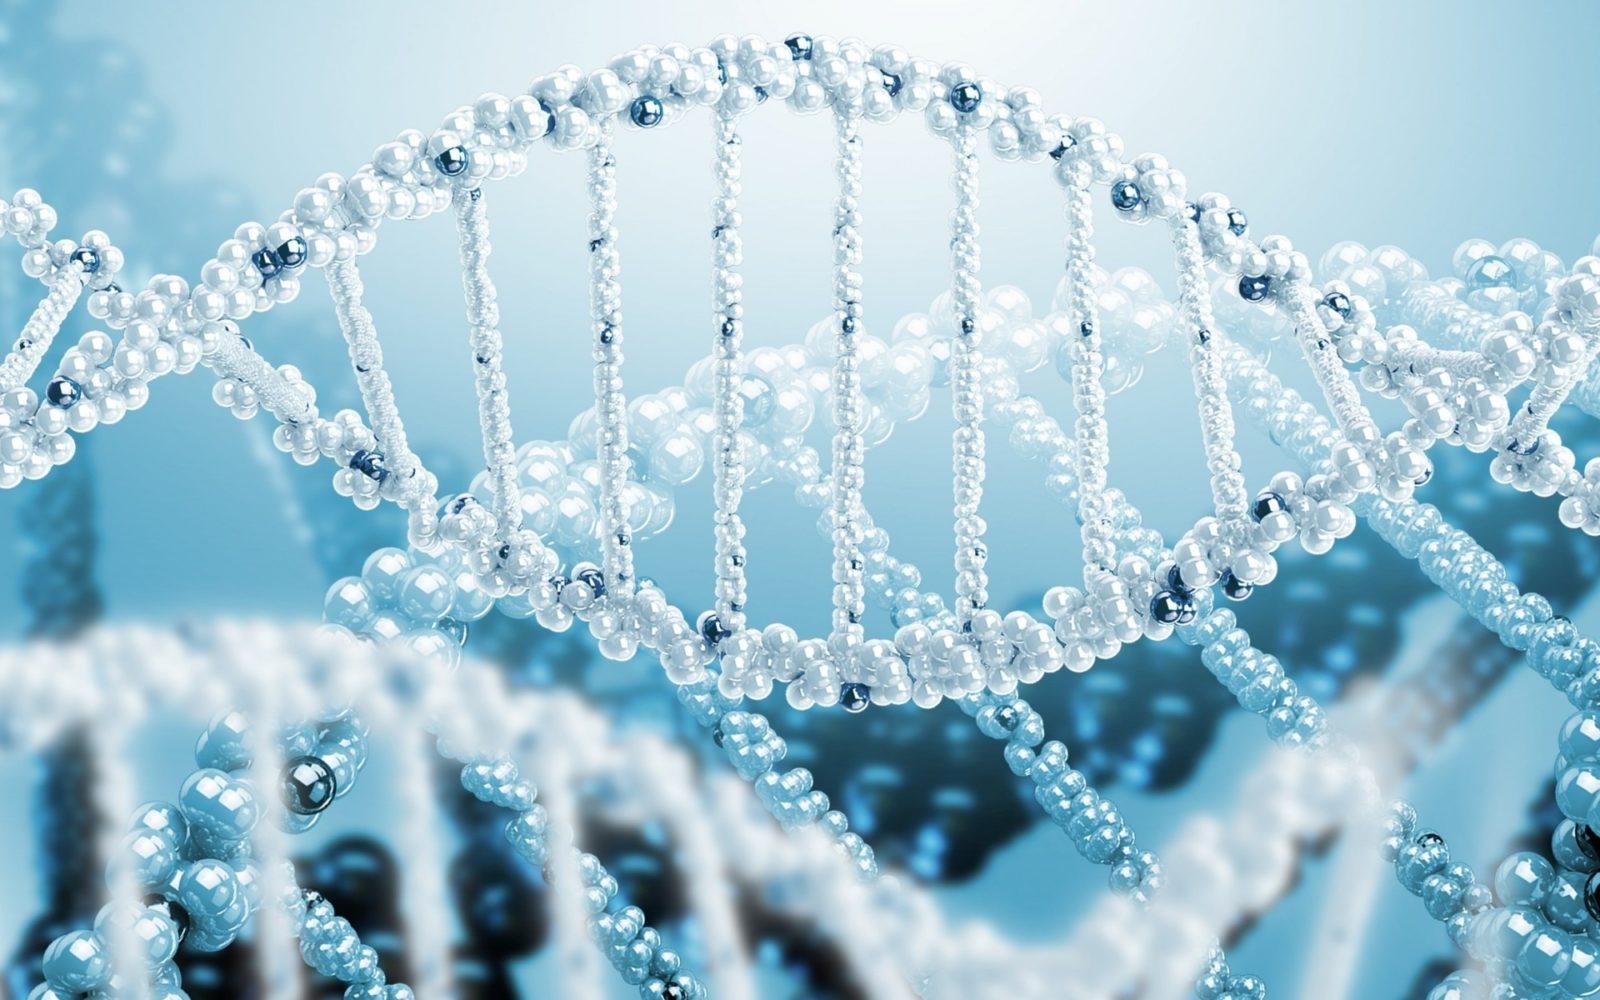 ИСЦЕЛЕНИЕ С ПОМОЩЬЮ ЧУВСТВ, ЭКСПЕРИМЕНТЫ С ДНК